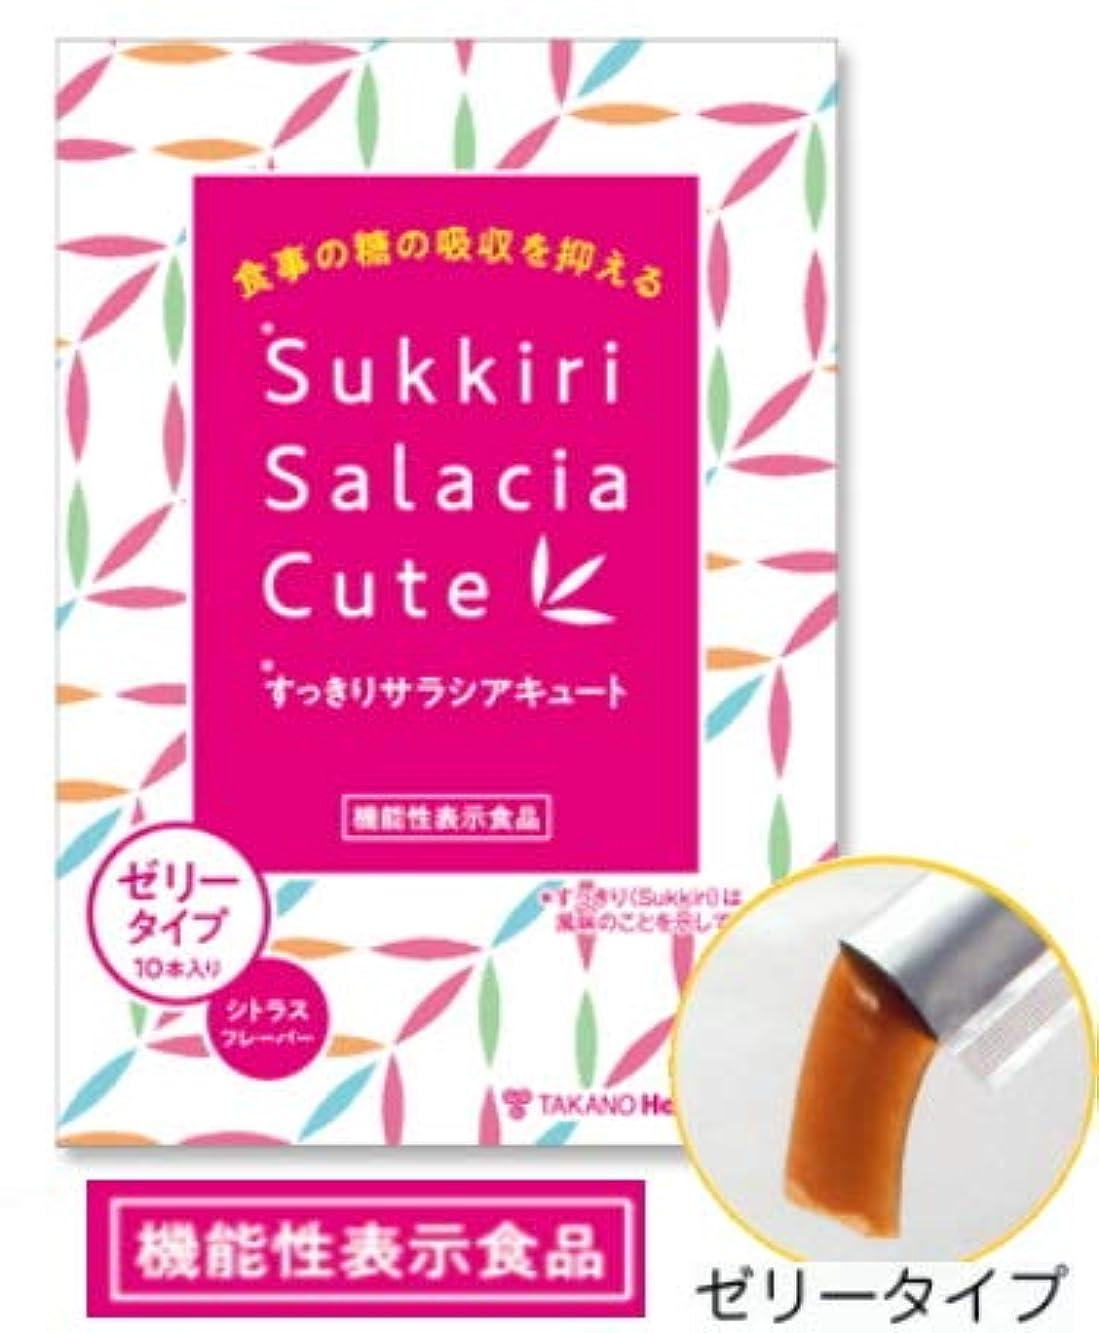 薬用浮く急襲食事の糖の吸収を抑える すっきり サラシア キュート ゼリーダイプ 10本入×2個セット【機能性表示食品】